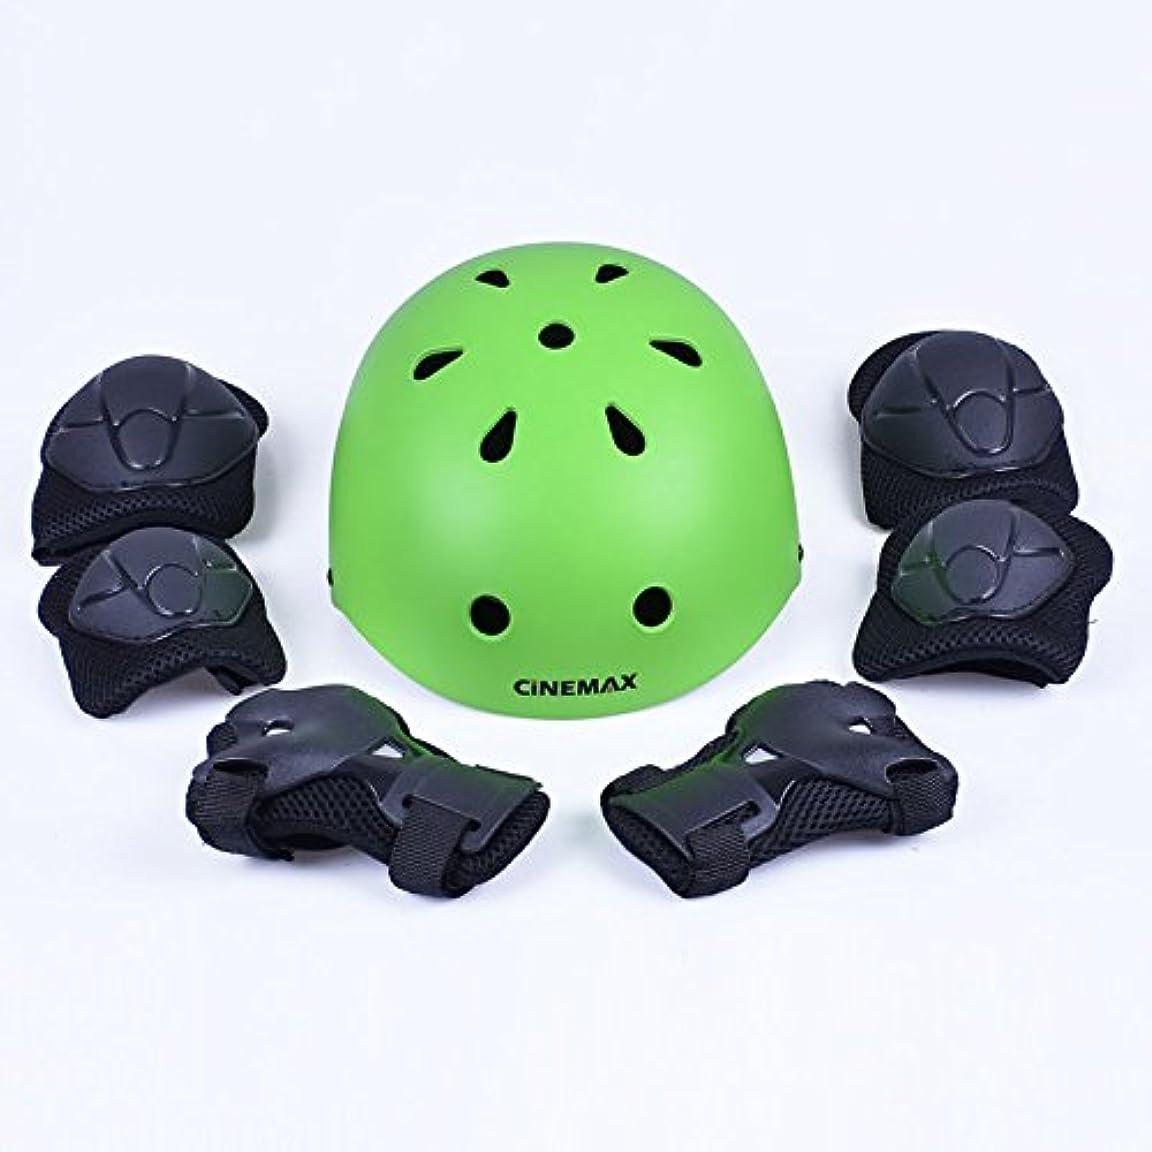 持続的マトロンメダリストZX 子 自転車に乗る 移動 ローラースケート アイススケート 男と女 調節可能な ヘルメット 保護装置 7個セット (色 : 5)